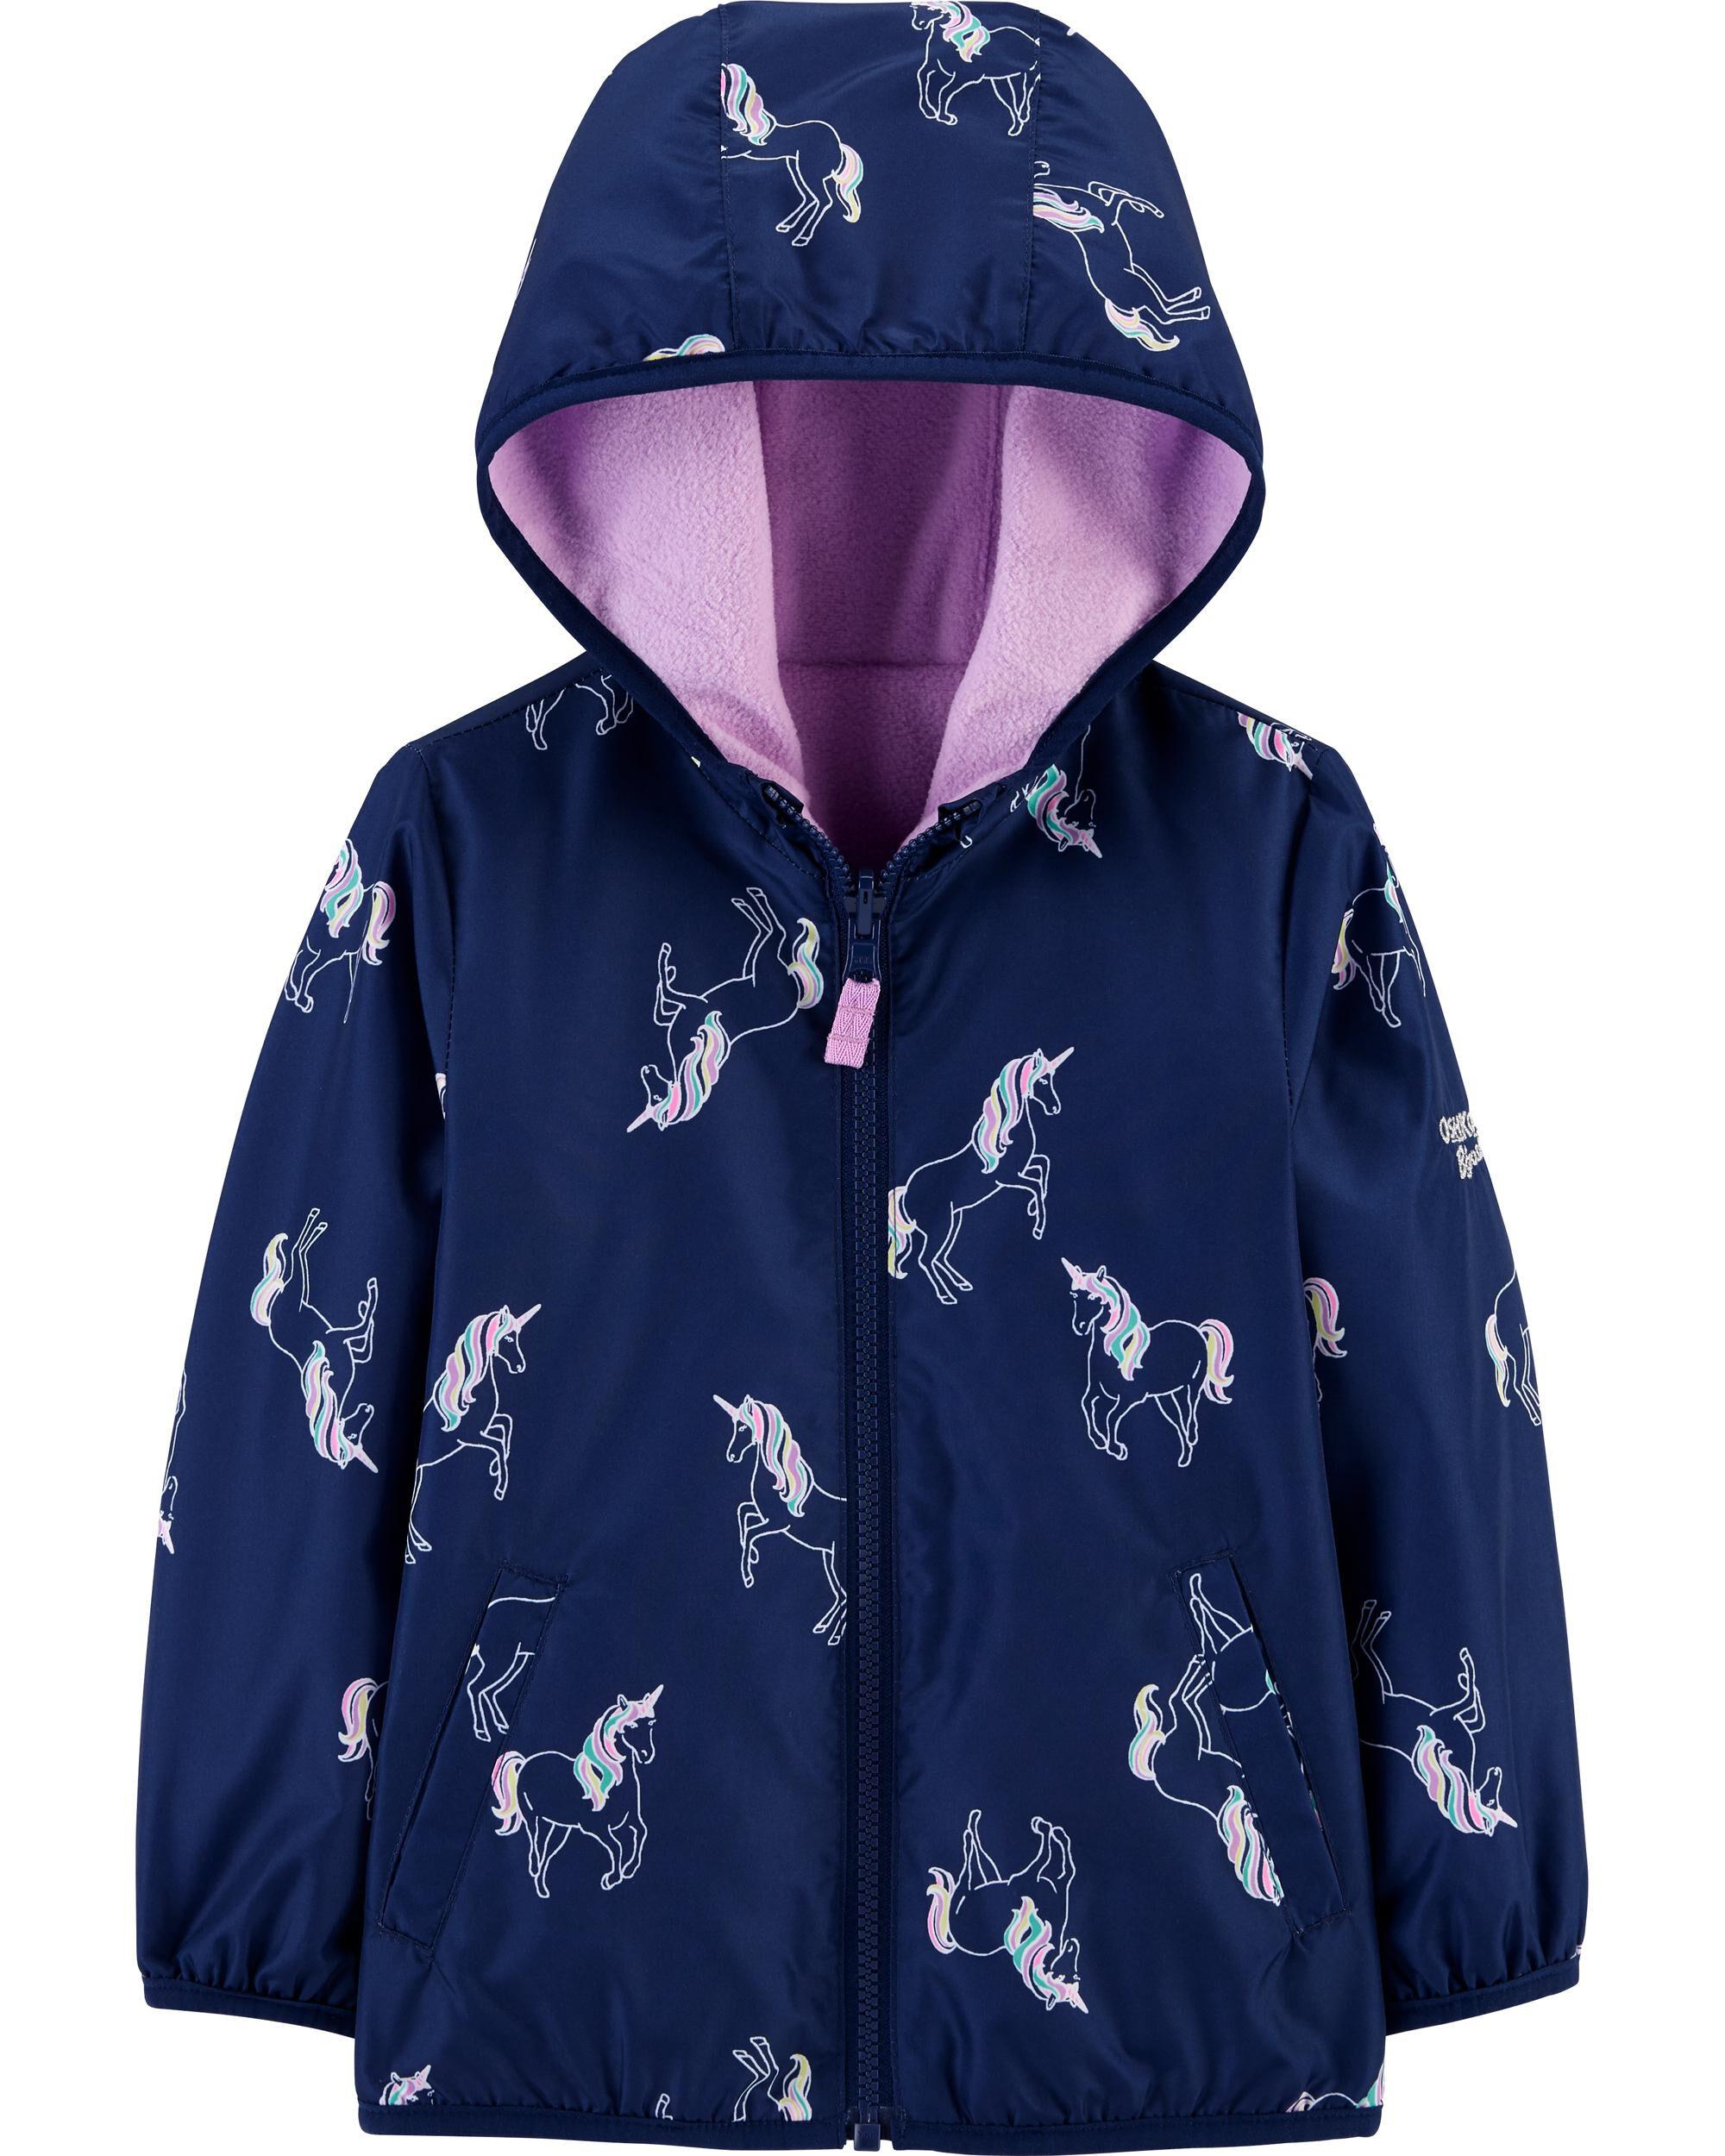 Reversible Unicorn Jacket